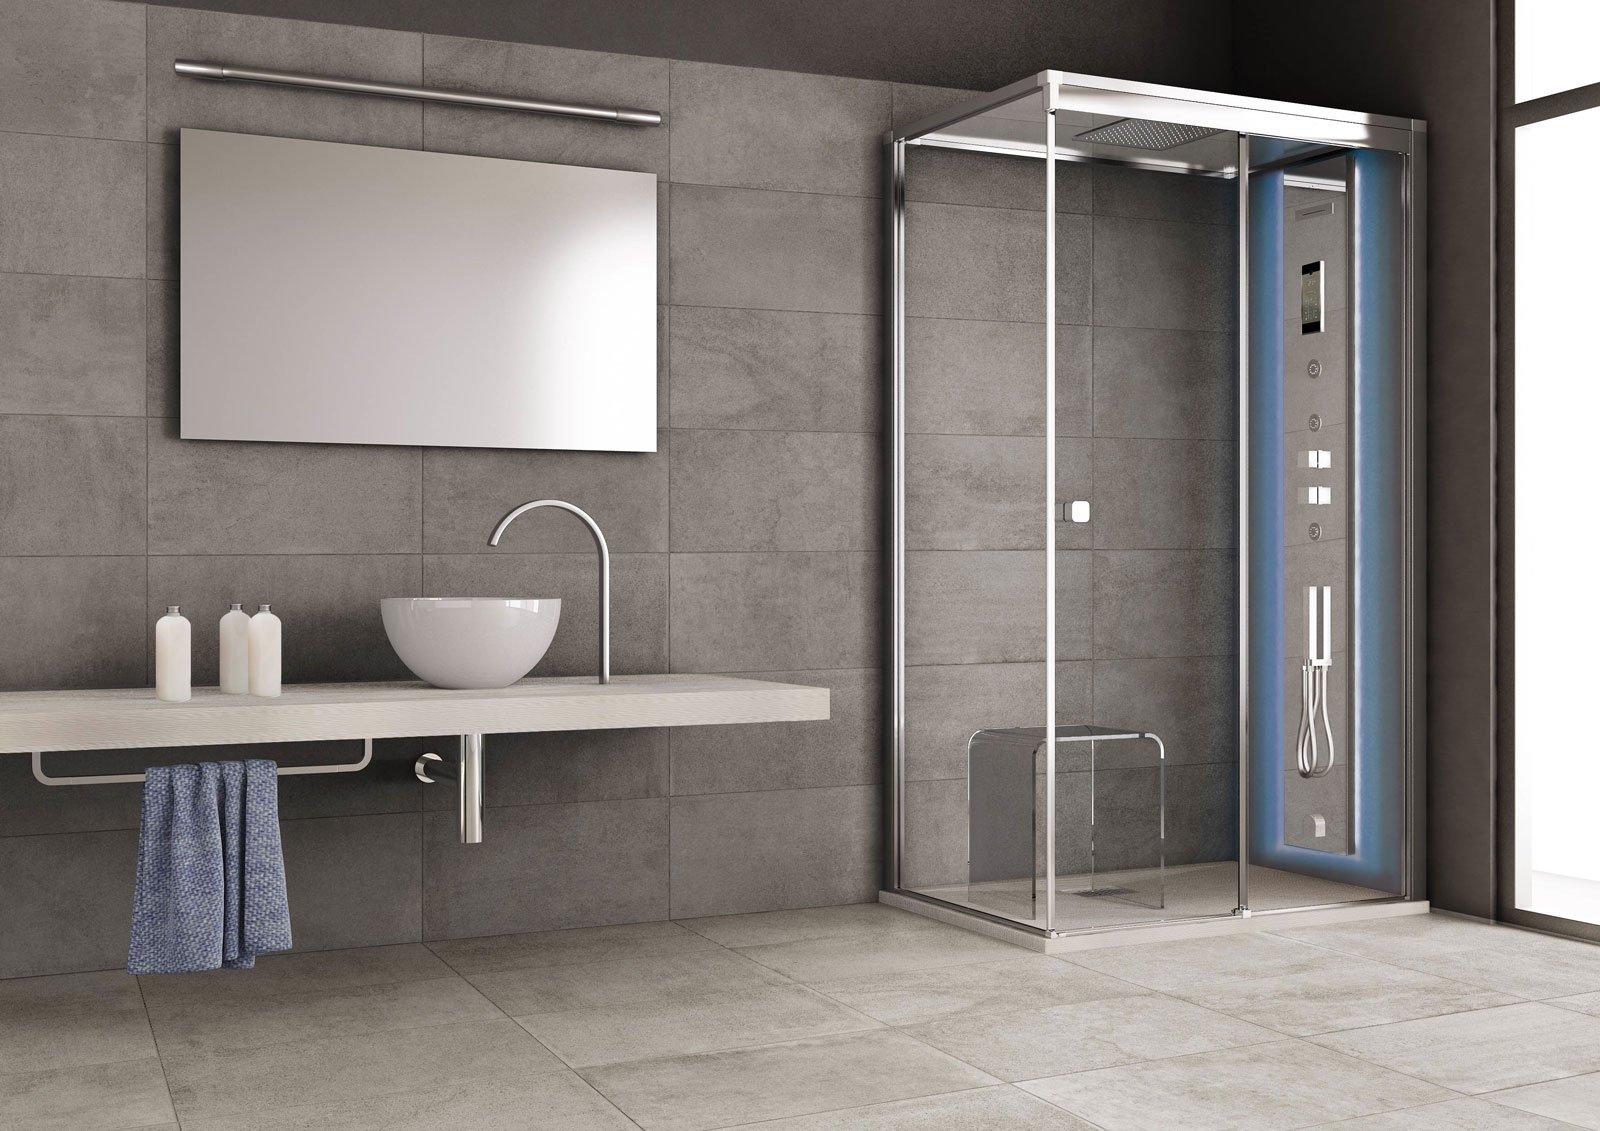 Grandform la doccia si trasforma in una spa cose di casa - Piatto doccia piccolo ...